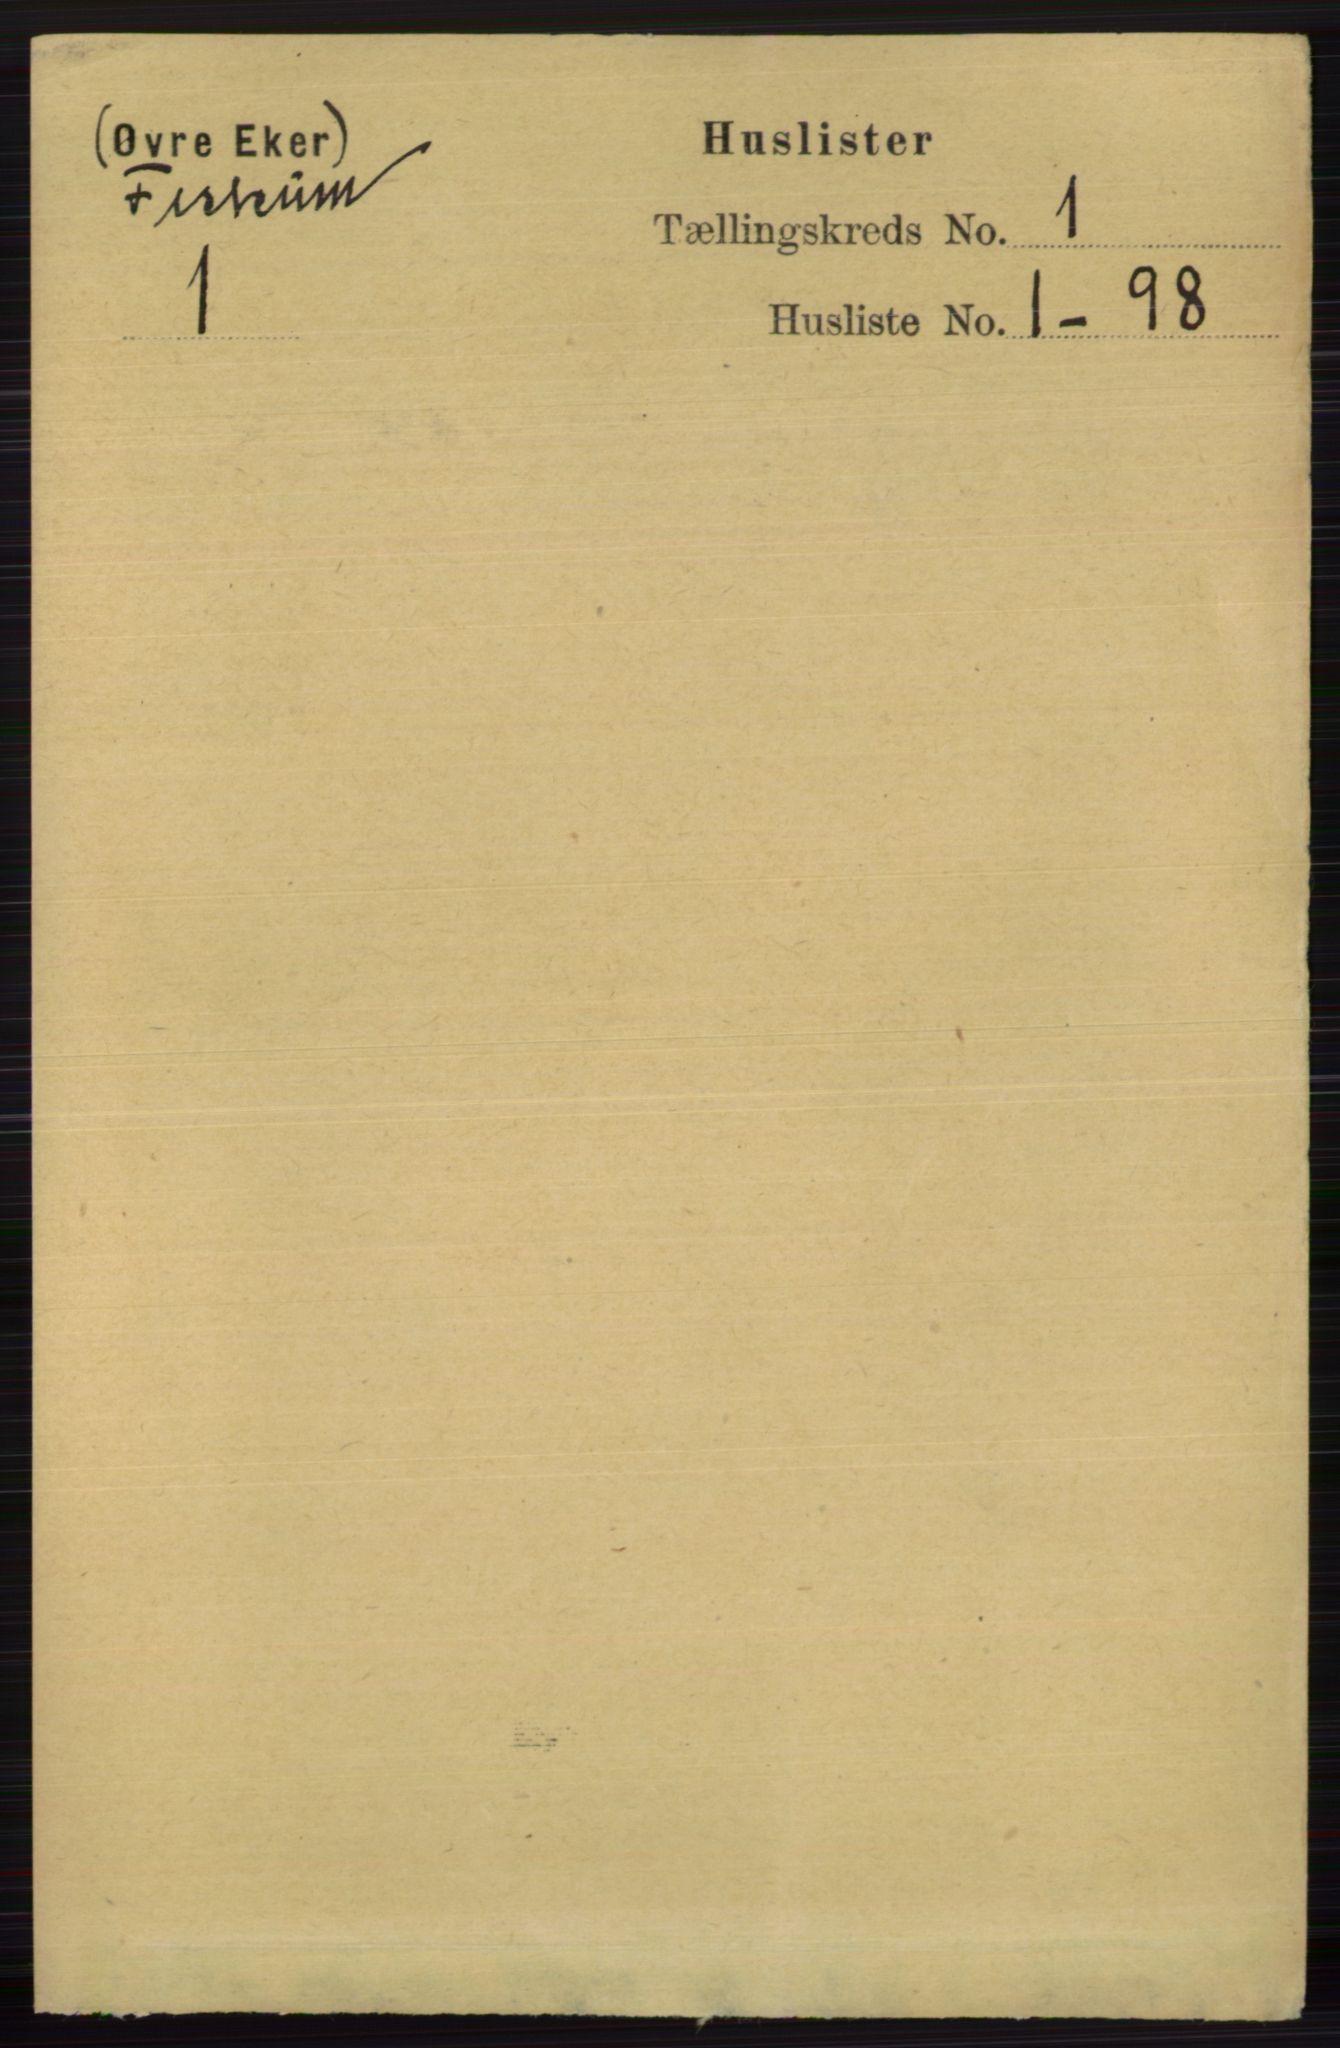 RA, Folketelling 1891 for 0624 Øvre Eiker herred, 1891, s. 7722